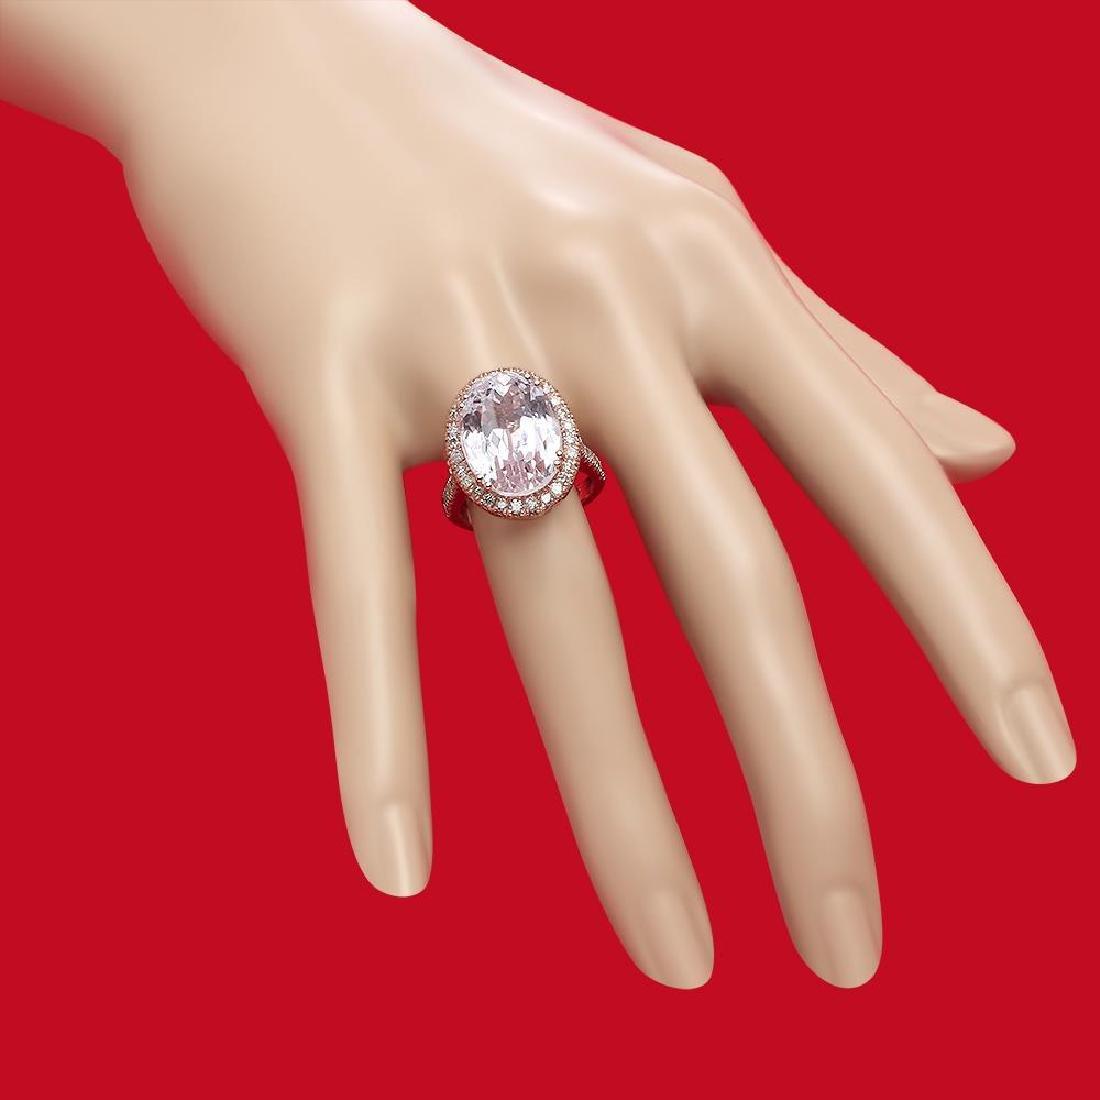 14K Gold 16.21ct Kunzite 1.02ct Diamond Ring - 3